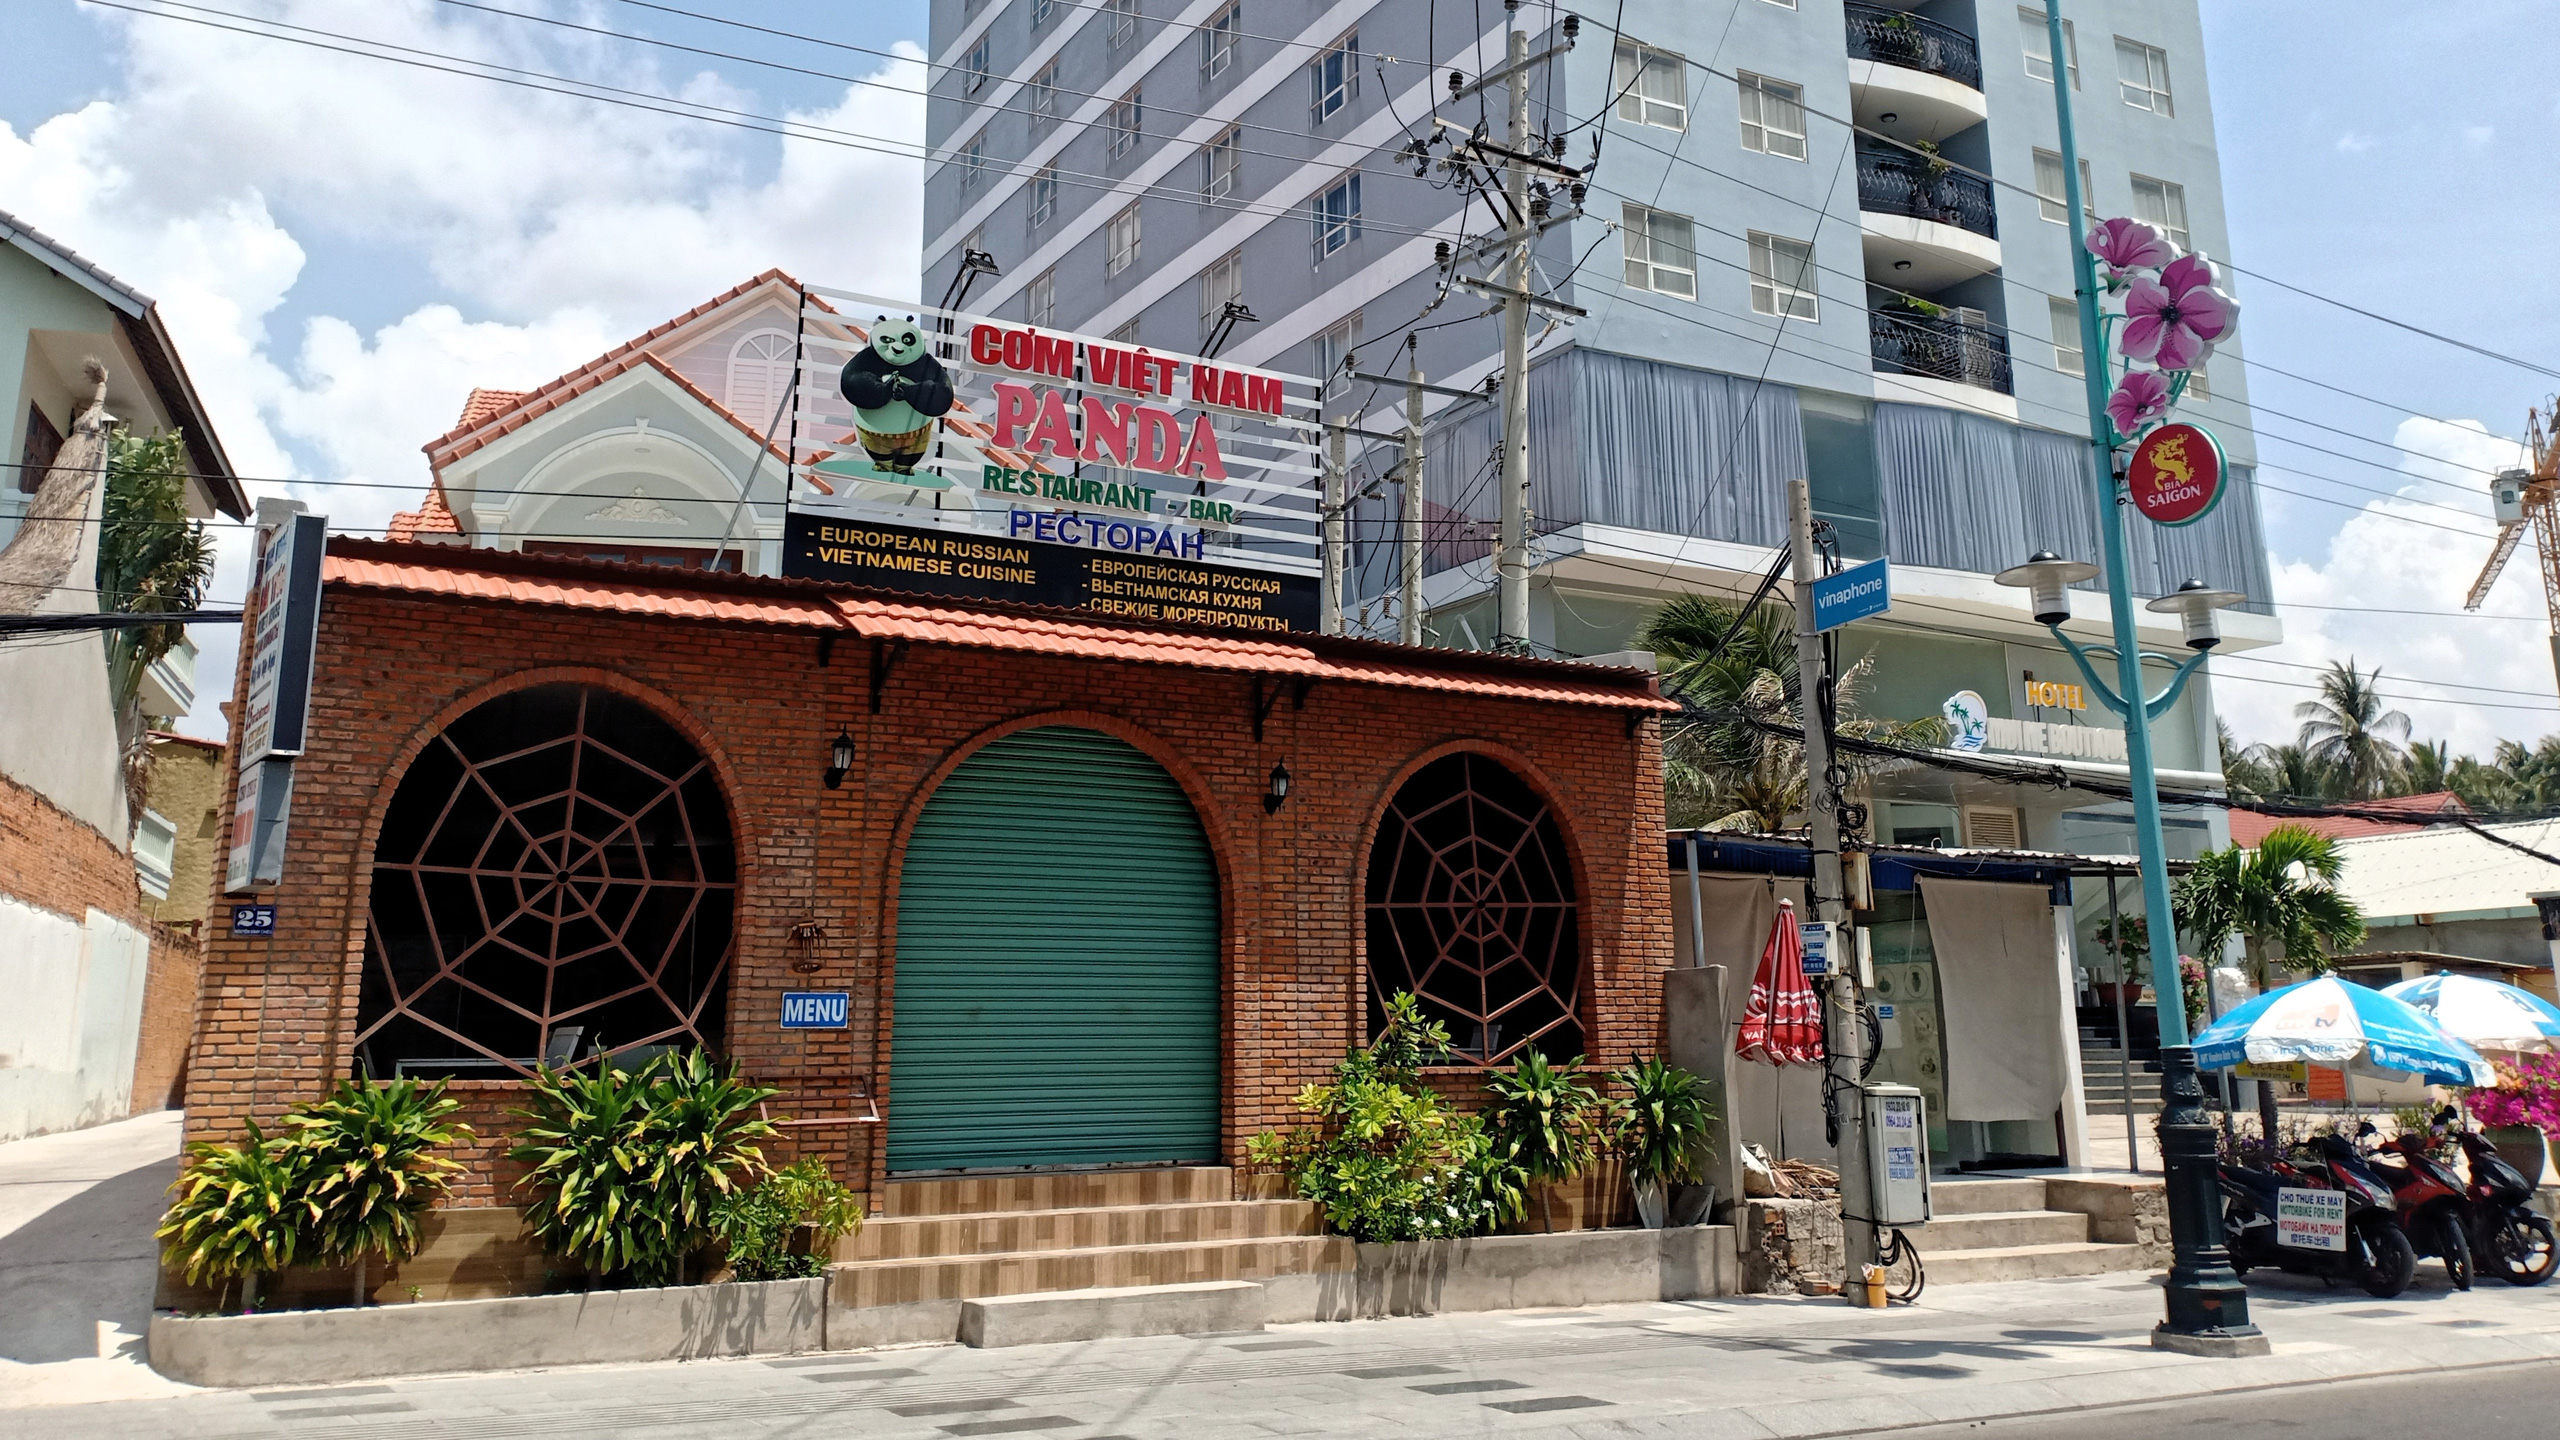 Hàng quán dọc biển Mũi Né đồng loạt 'cửa đóng then cài' - Ảnh 12.